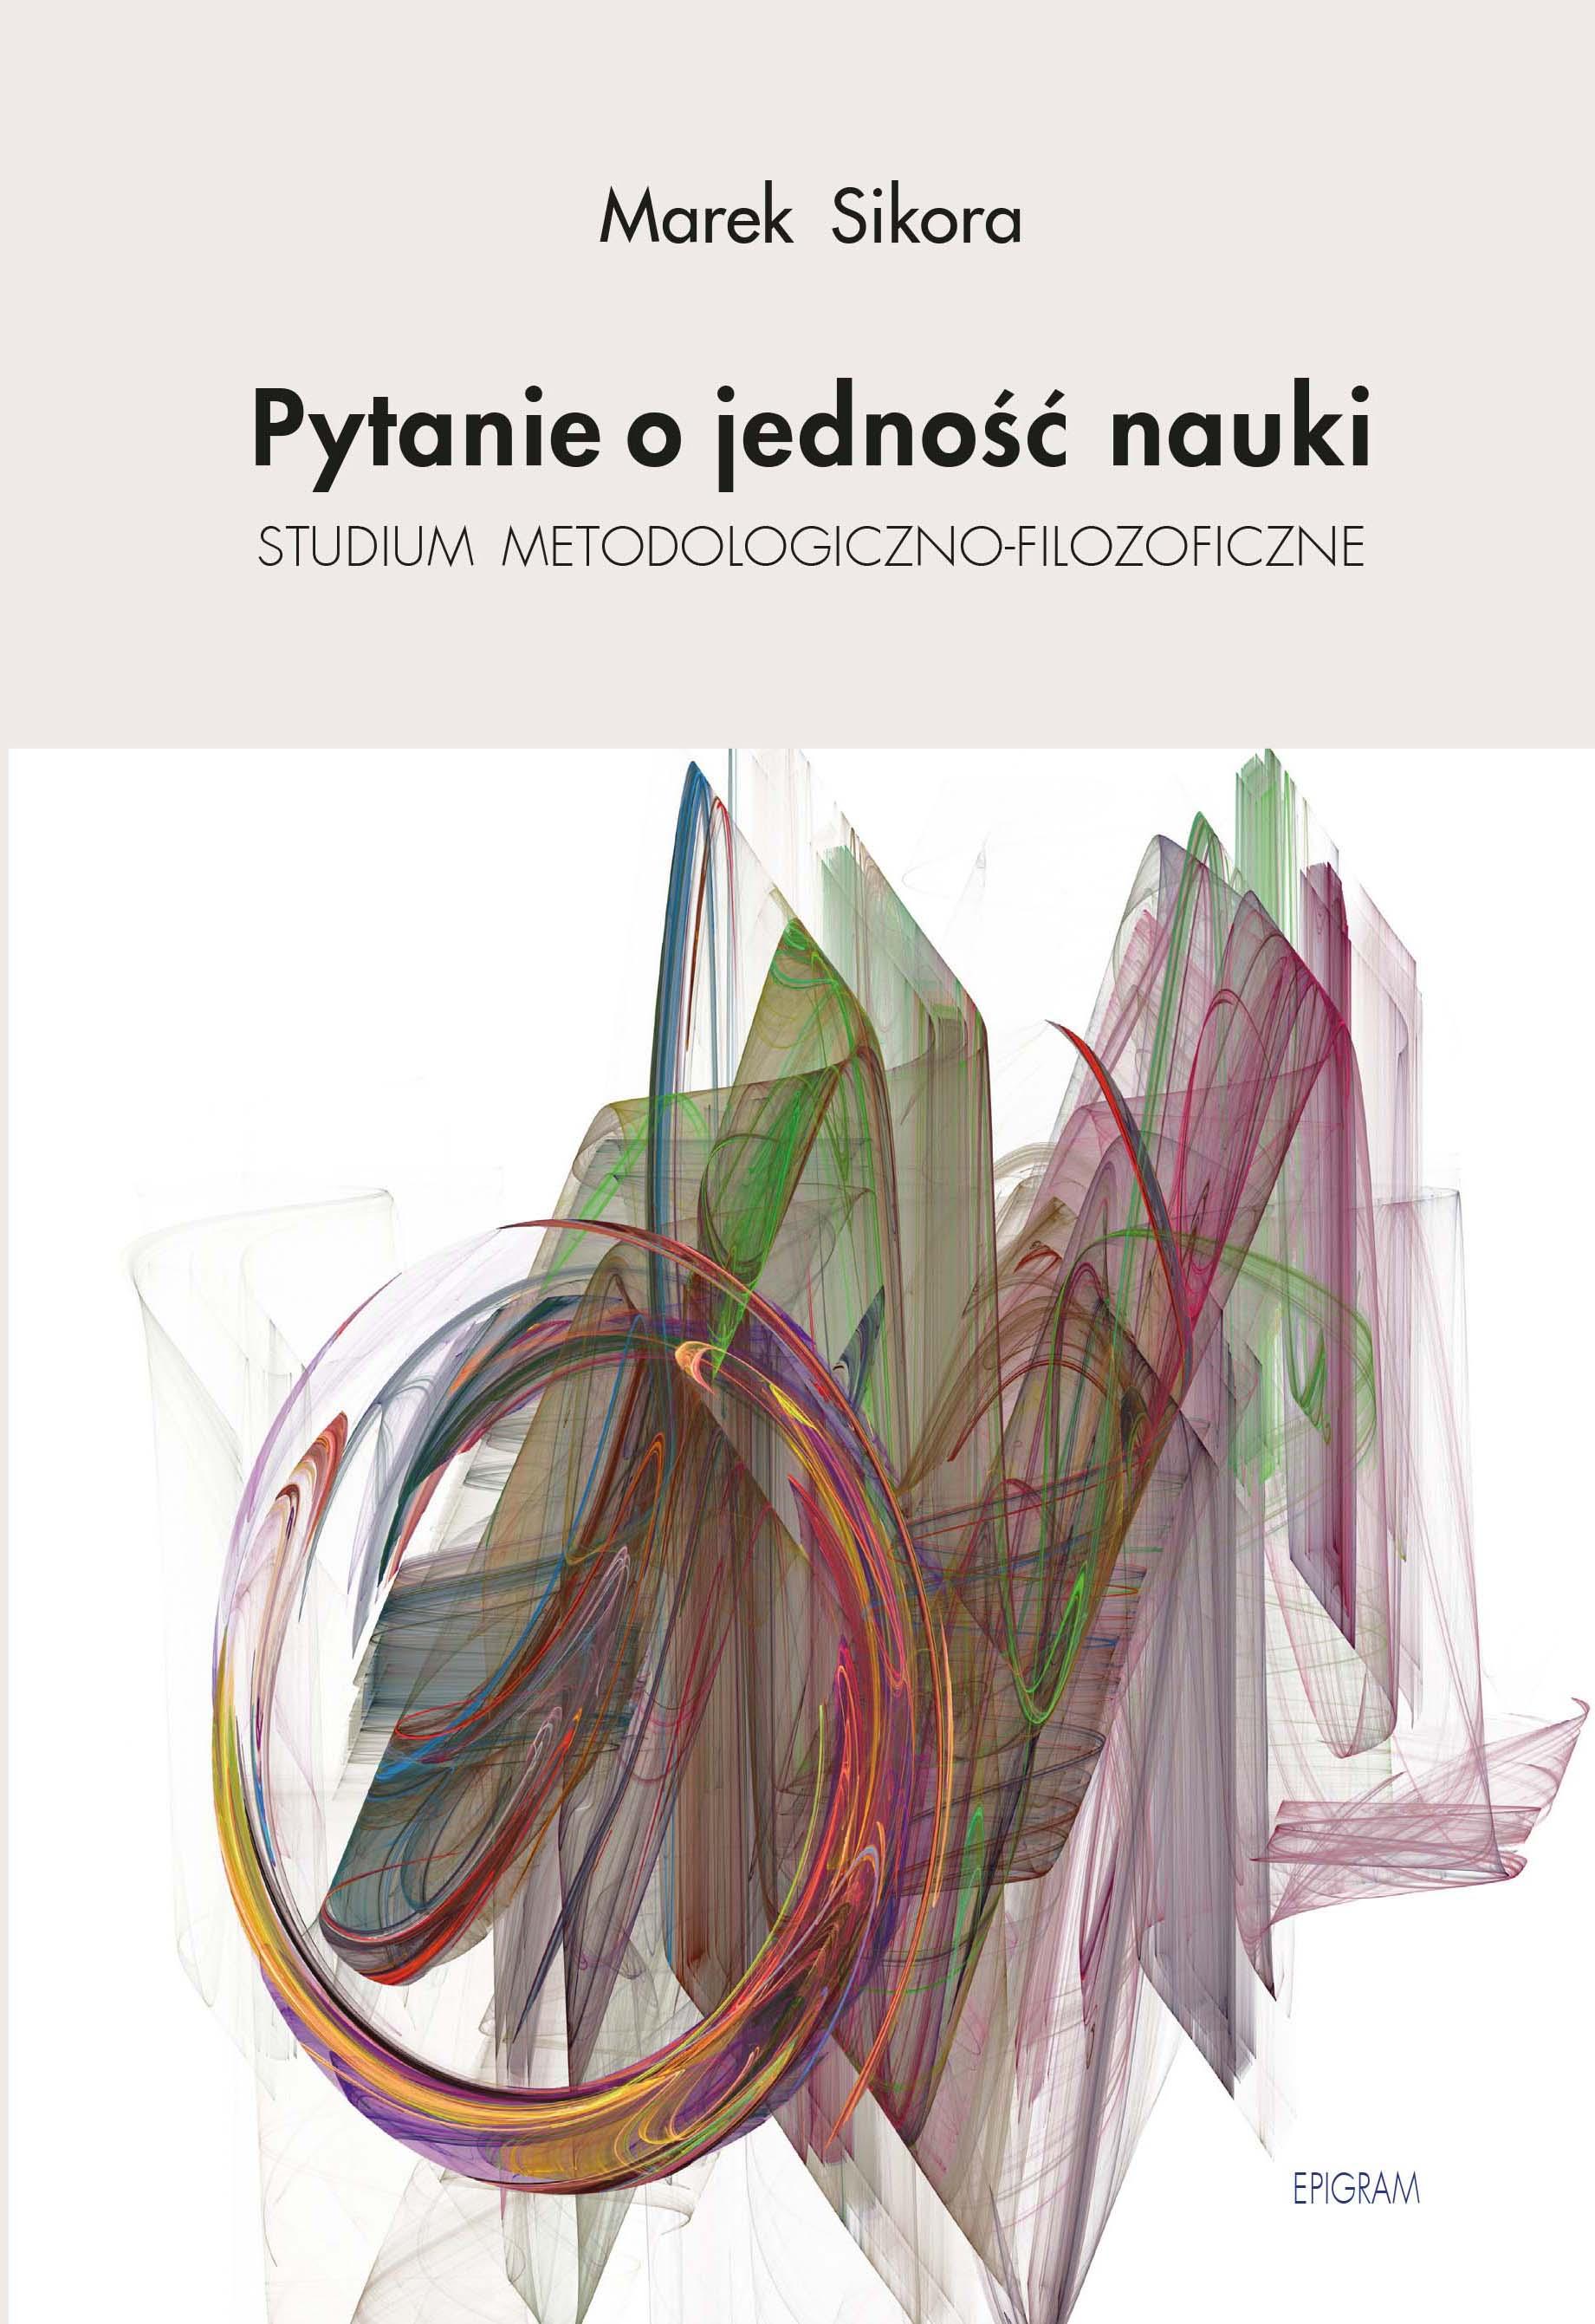 Pytanie o jedność nauki. Studium metodologiczno-filozoficzne / Marek Sikora okładka